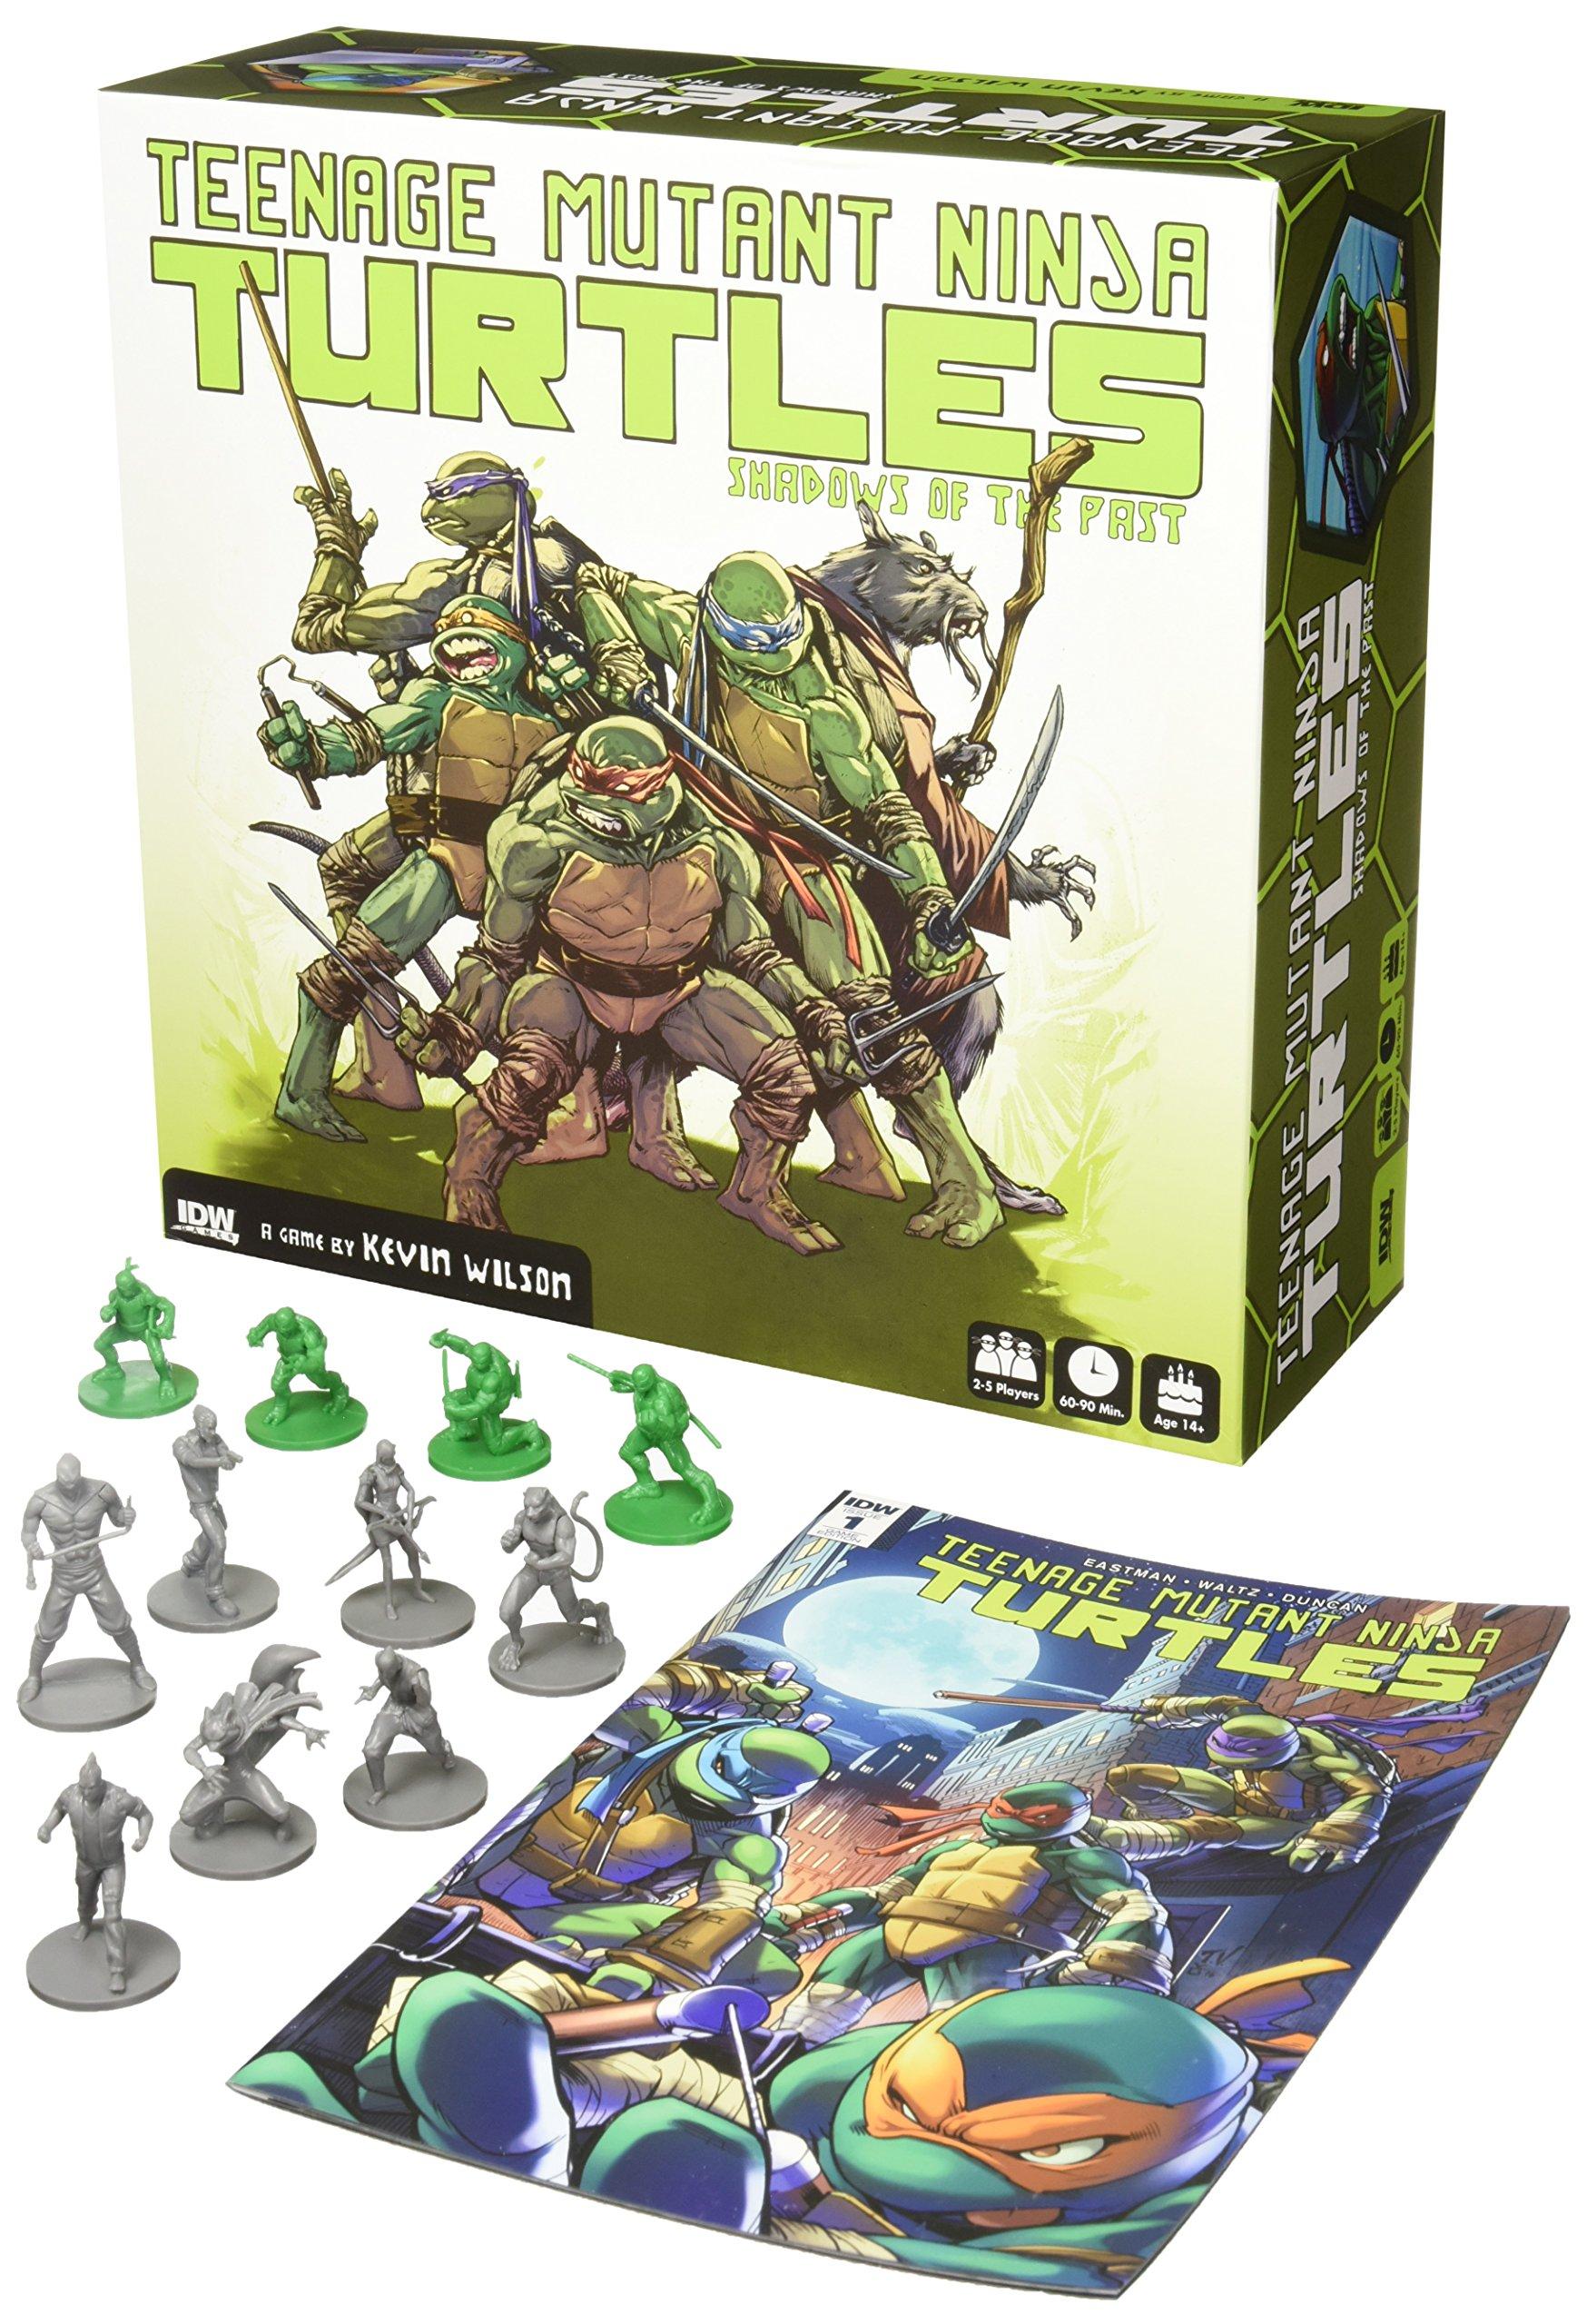 Teenage Mutant Ninja Turtles: Shadows of the Past Boardgame ...